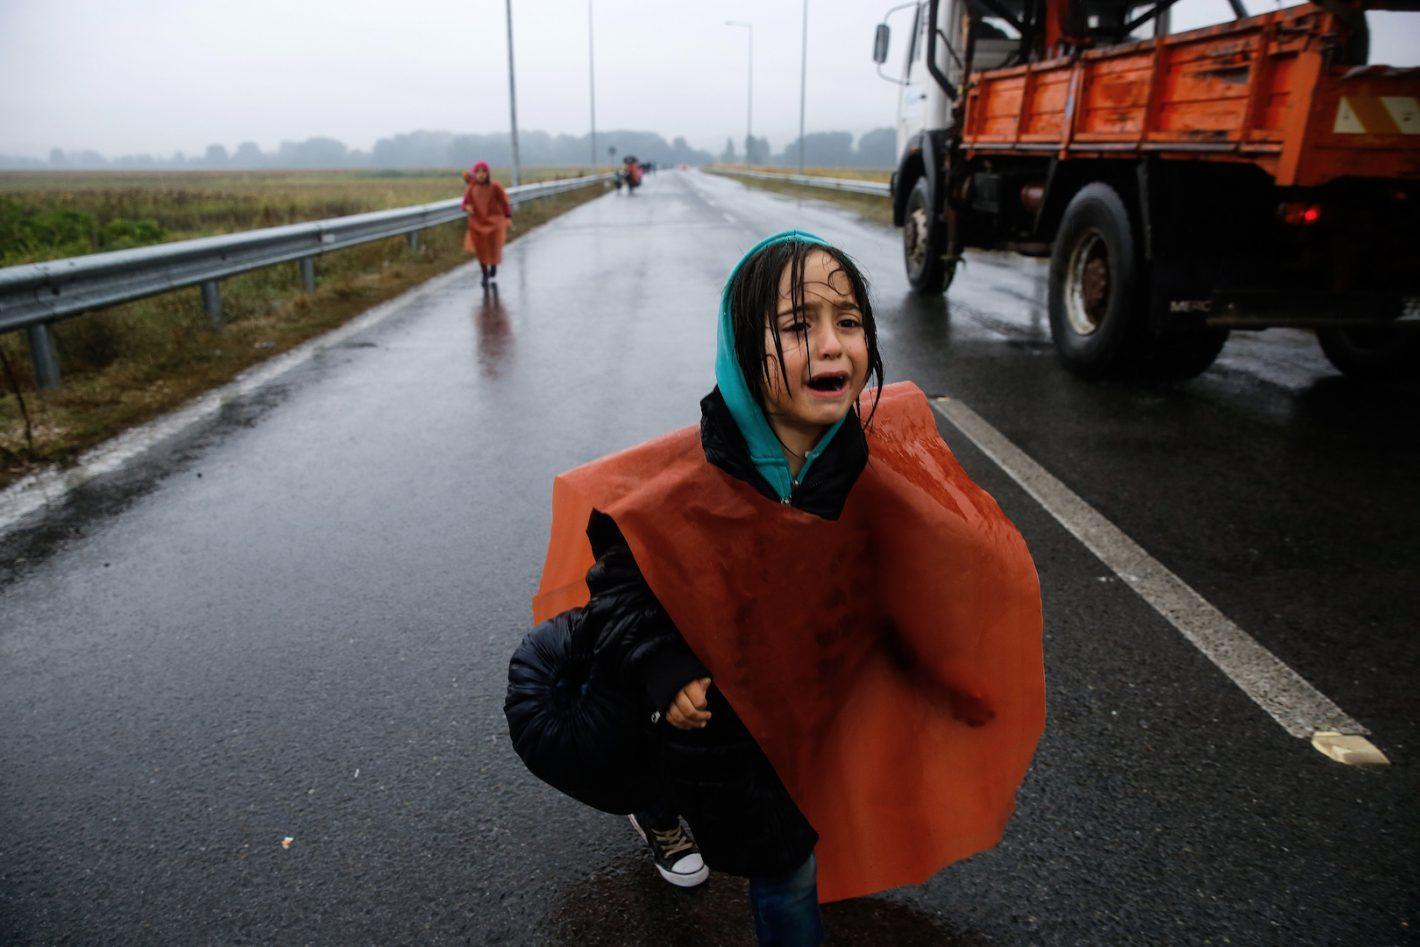 Une jeune réfugiée syrienne, brièvement séparée de ses parents, pleure alors qu'elle marche en direction de la frontière gréco-macédonienne, à proximité du village grec d'Idomeni. Elle fait partie des 7000 réfugiés et migrants, individus isolés ou famille avec enfants arrivés à pied, par trains, bus ou taxis, laissés à leur sort après avoir passé la nuit dehors sous une pluie torrentielle à la frontière gréco-macédonienne. La police macédonienne a imposé un rationnement dans le flux des réfugiés. 10 Septembre 2015 - REUTERS/Yannis Behrakis